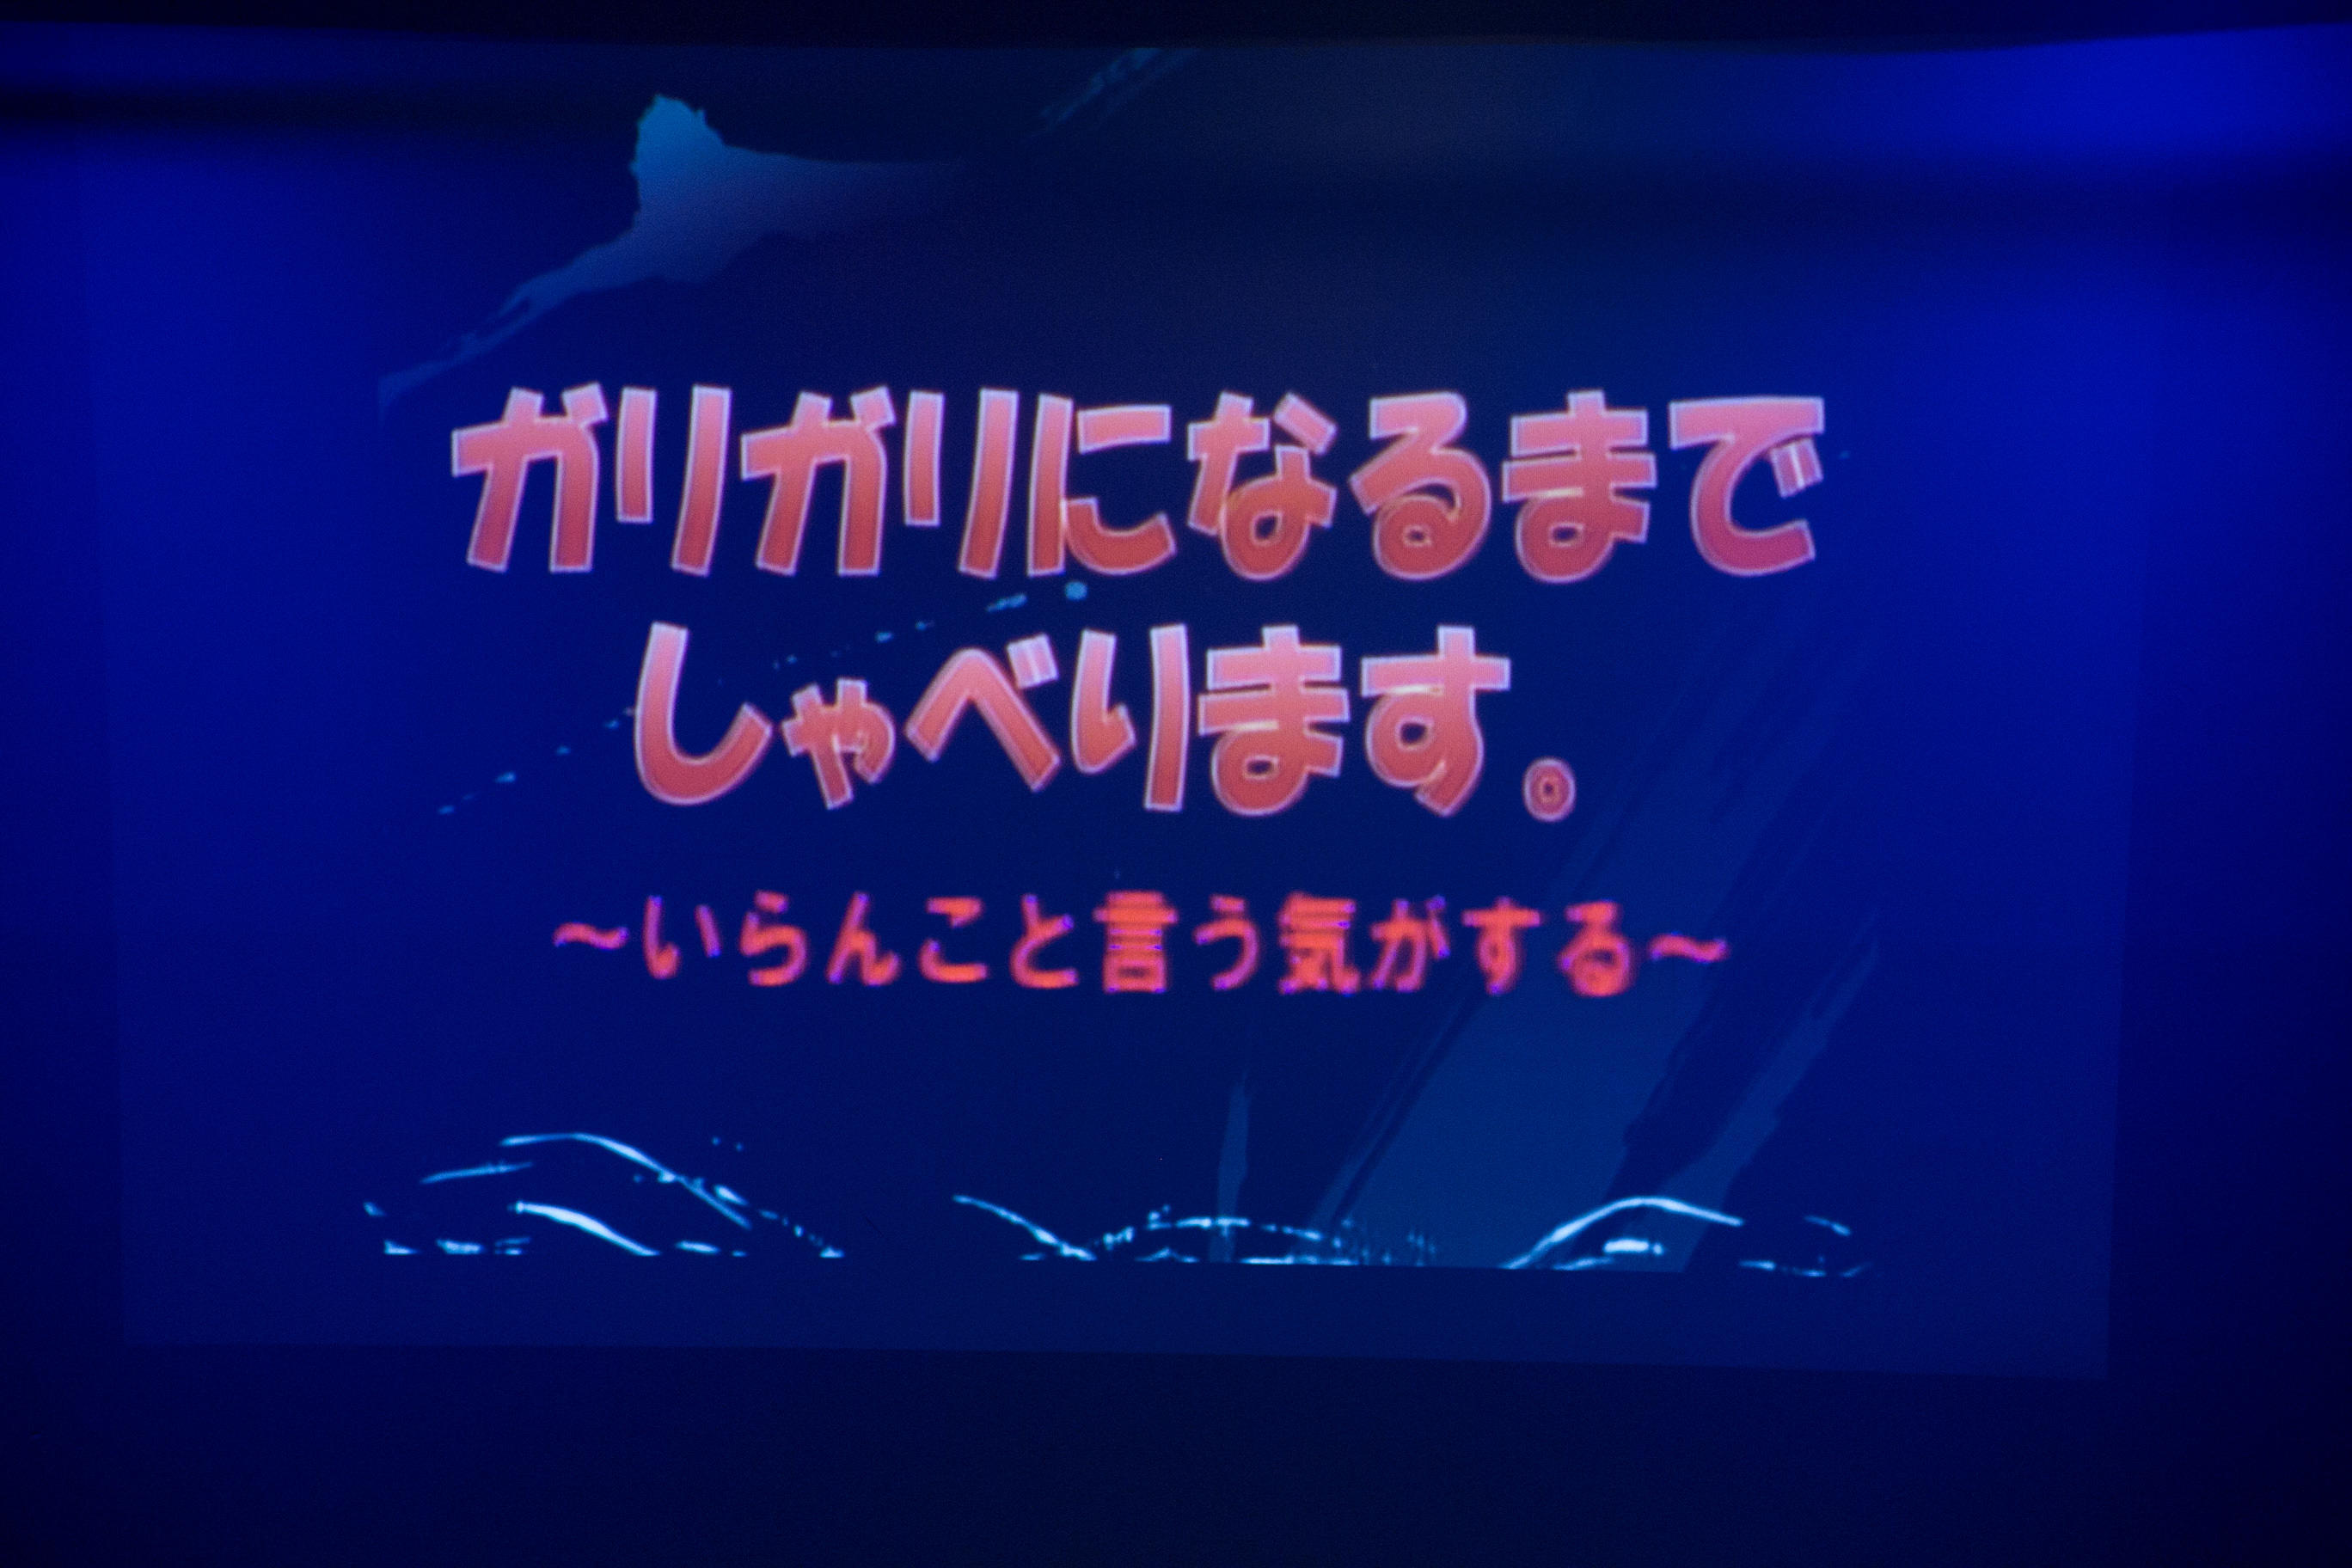 http://news.yoshimoto.co.jp/20180915211054-4b8f368c2396f3aa0e3652e3eac04ff16b2fe83e.jpg